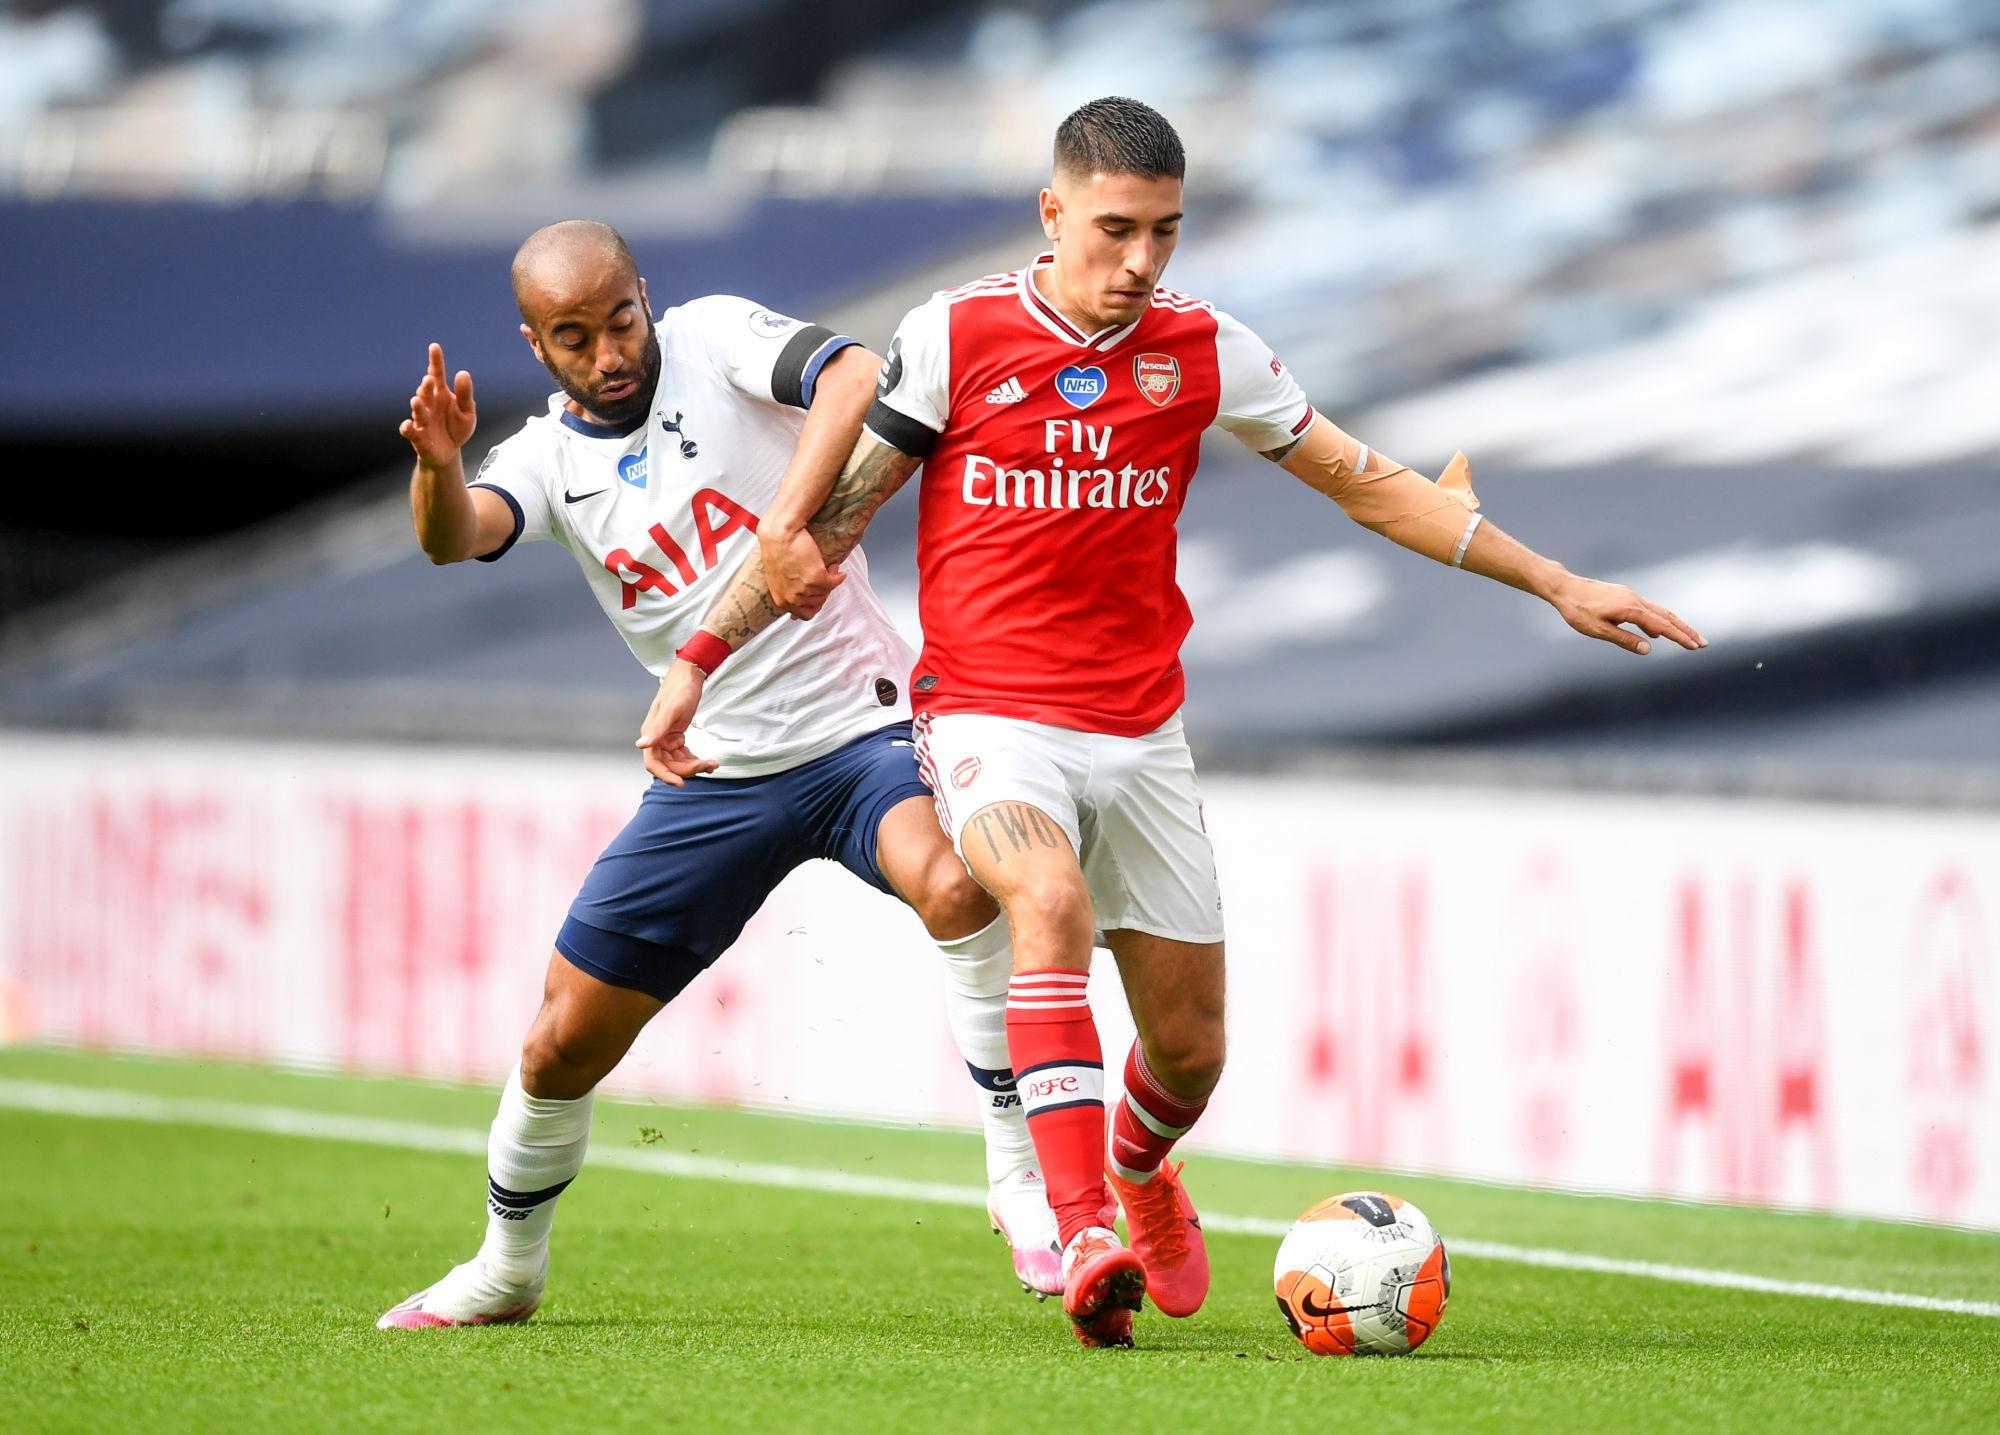 Exclu - Le PSG a fait une offre pour Bellerin, mais l'accord avec Arsenal est encore loin